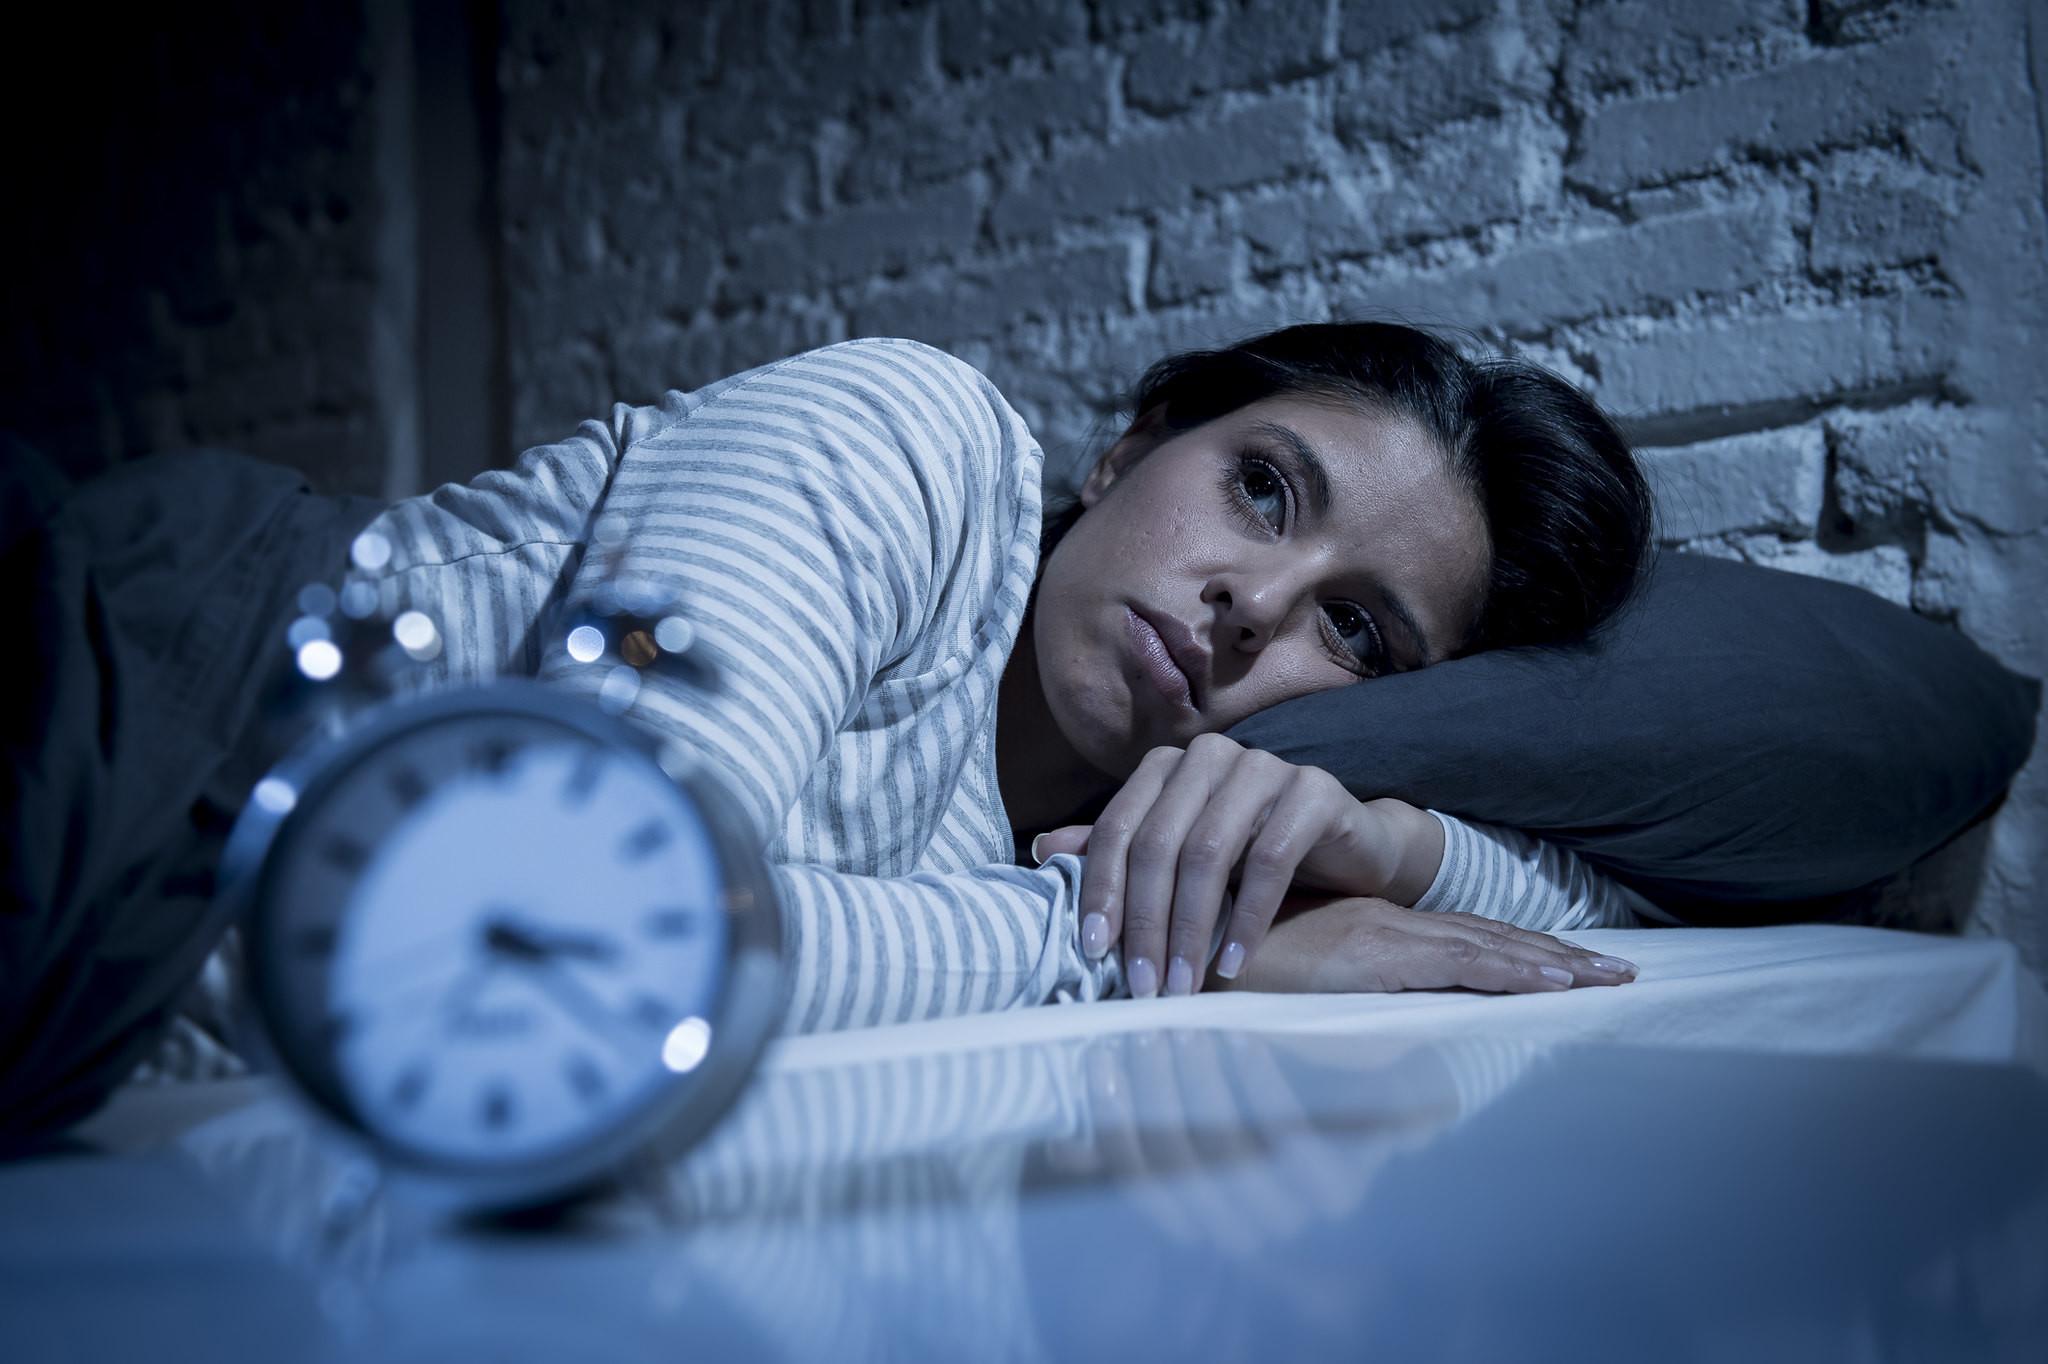 La inteligencia artificial podría resolver (también) el insomnio